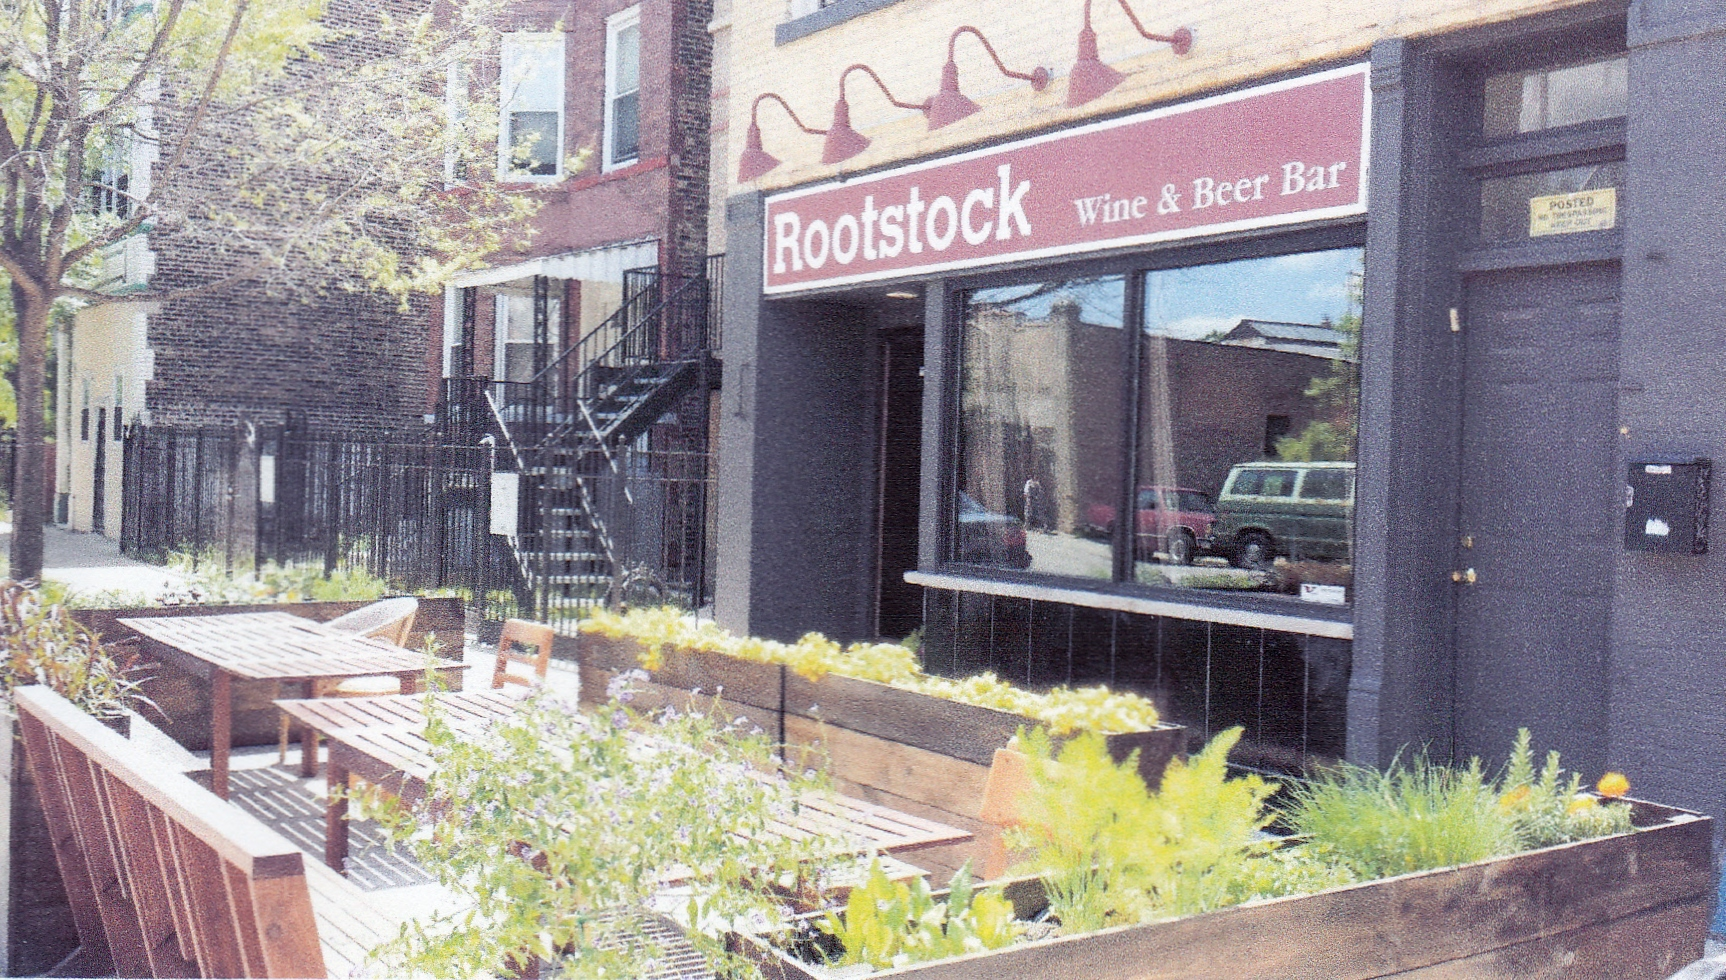 Rootstock Wine & Beer Bar6.jpg